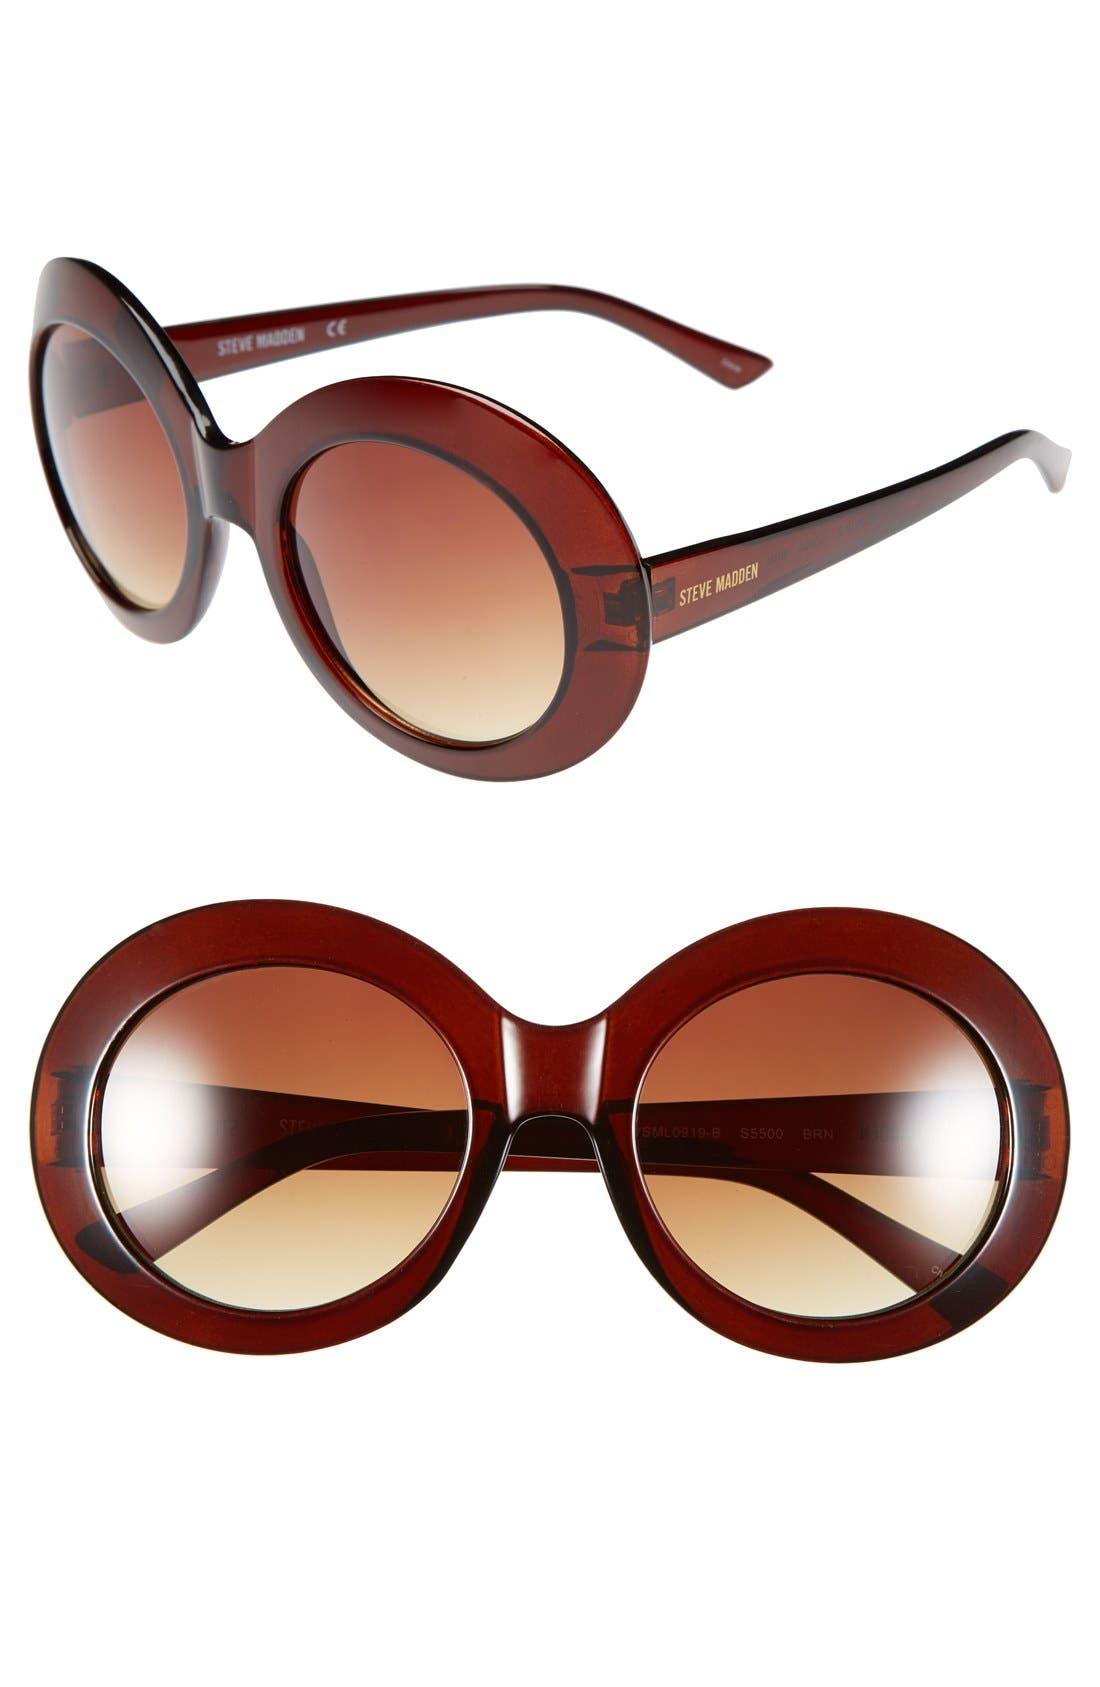 Main Image - Steve Madden 55mm 'Glam' Oversized Oval Sunglasses